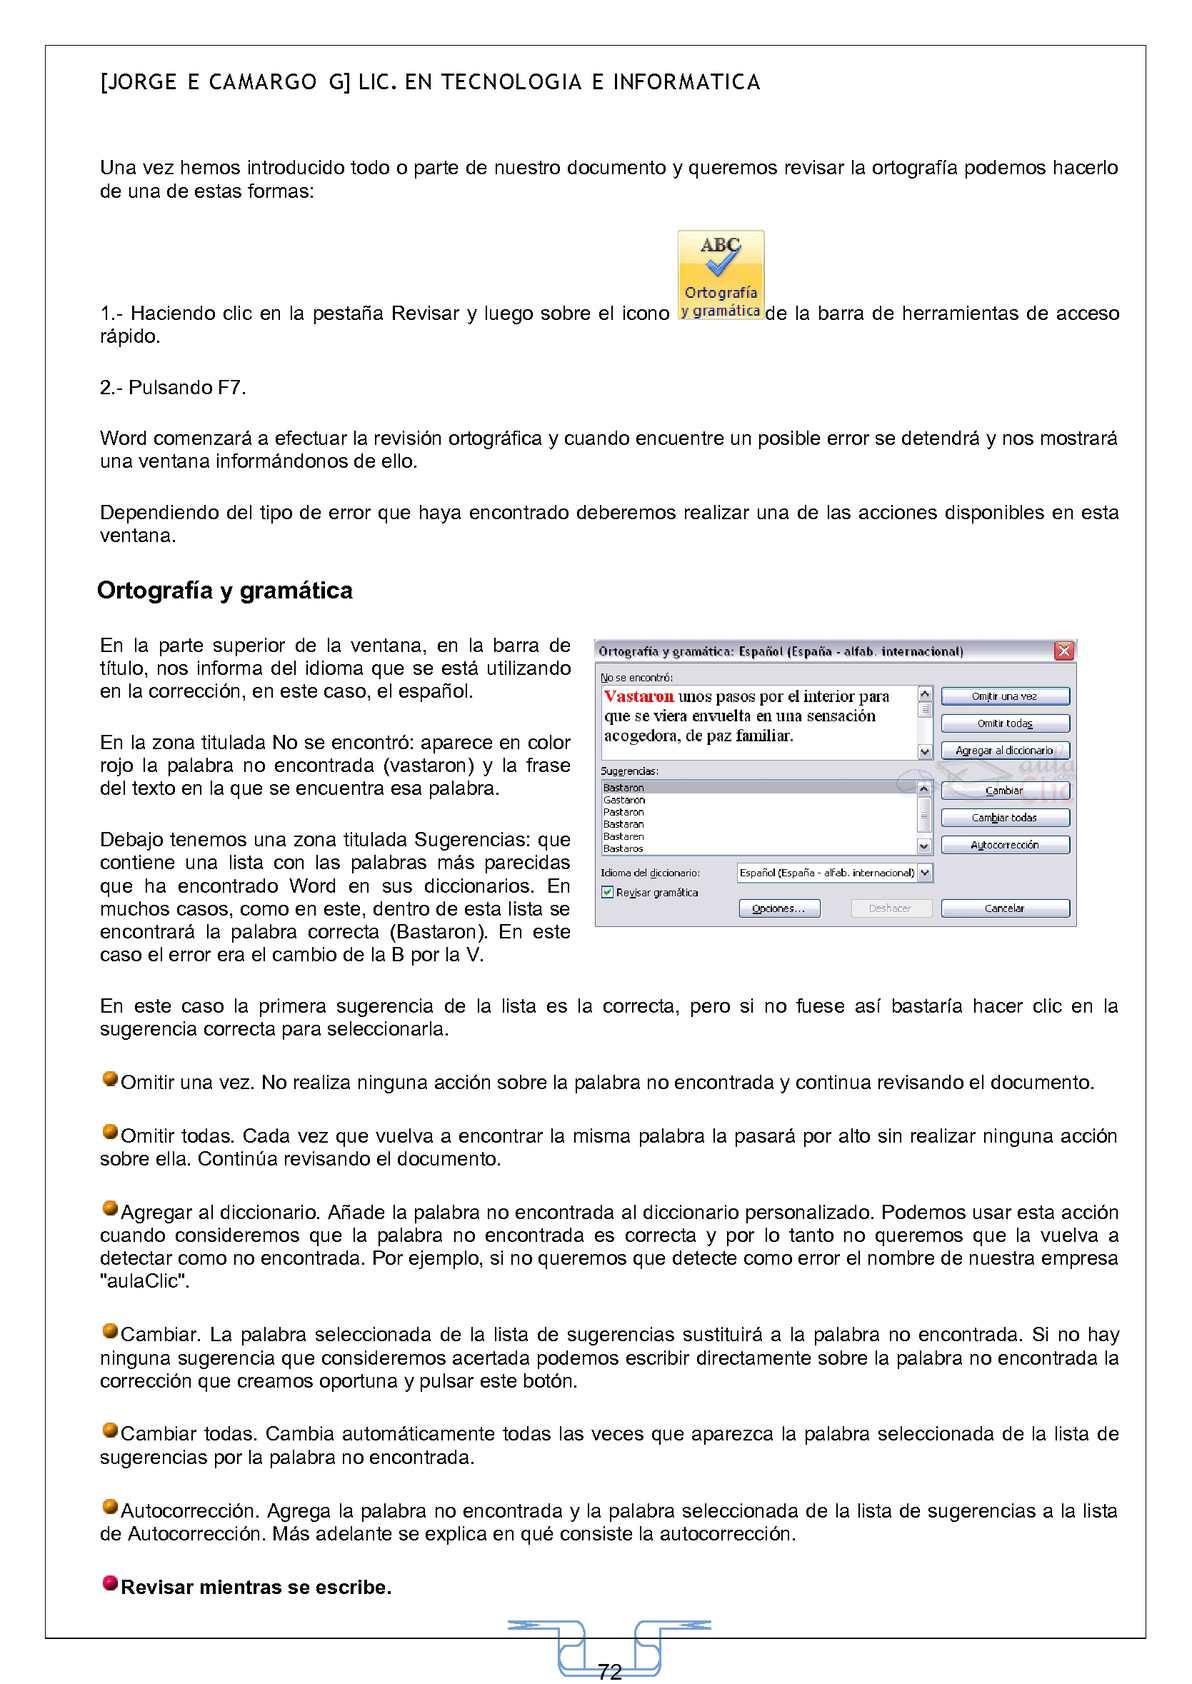 MODULO DE TECNOLOGÍA E INFORMÁTICA PARA GRADO 6o - CALAMEO Downloader